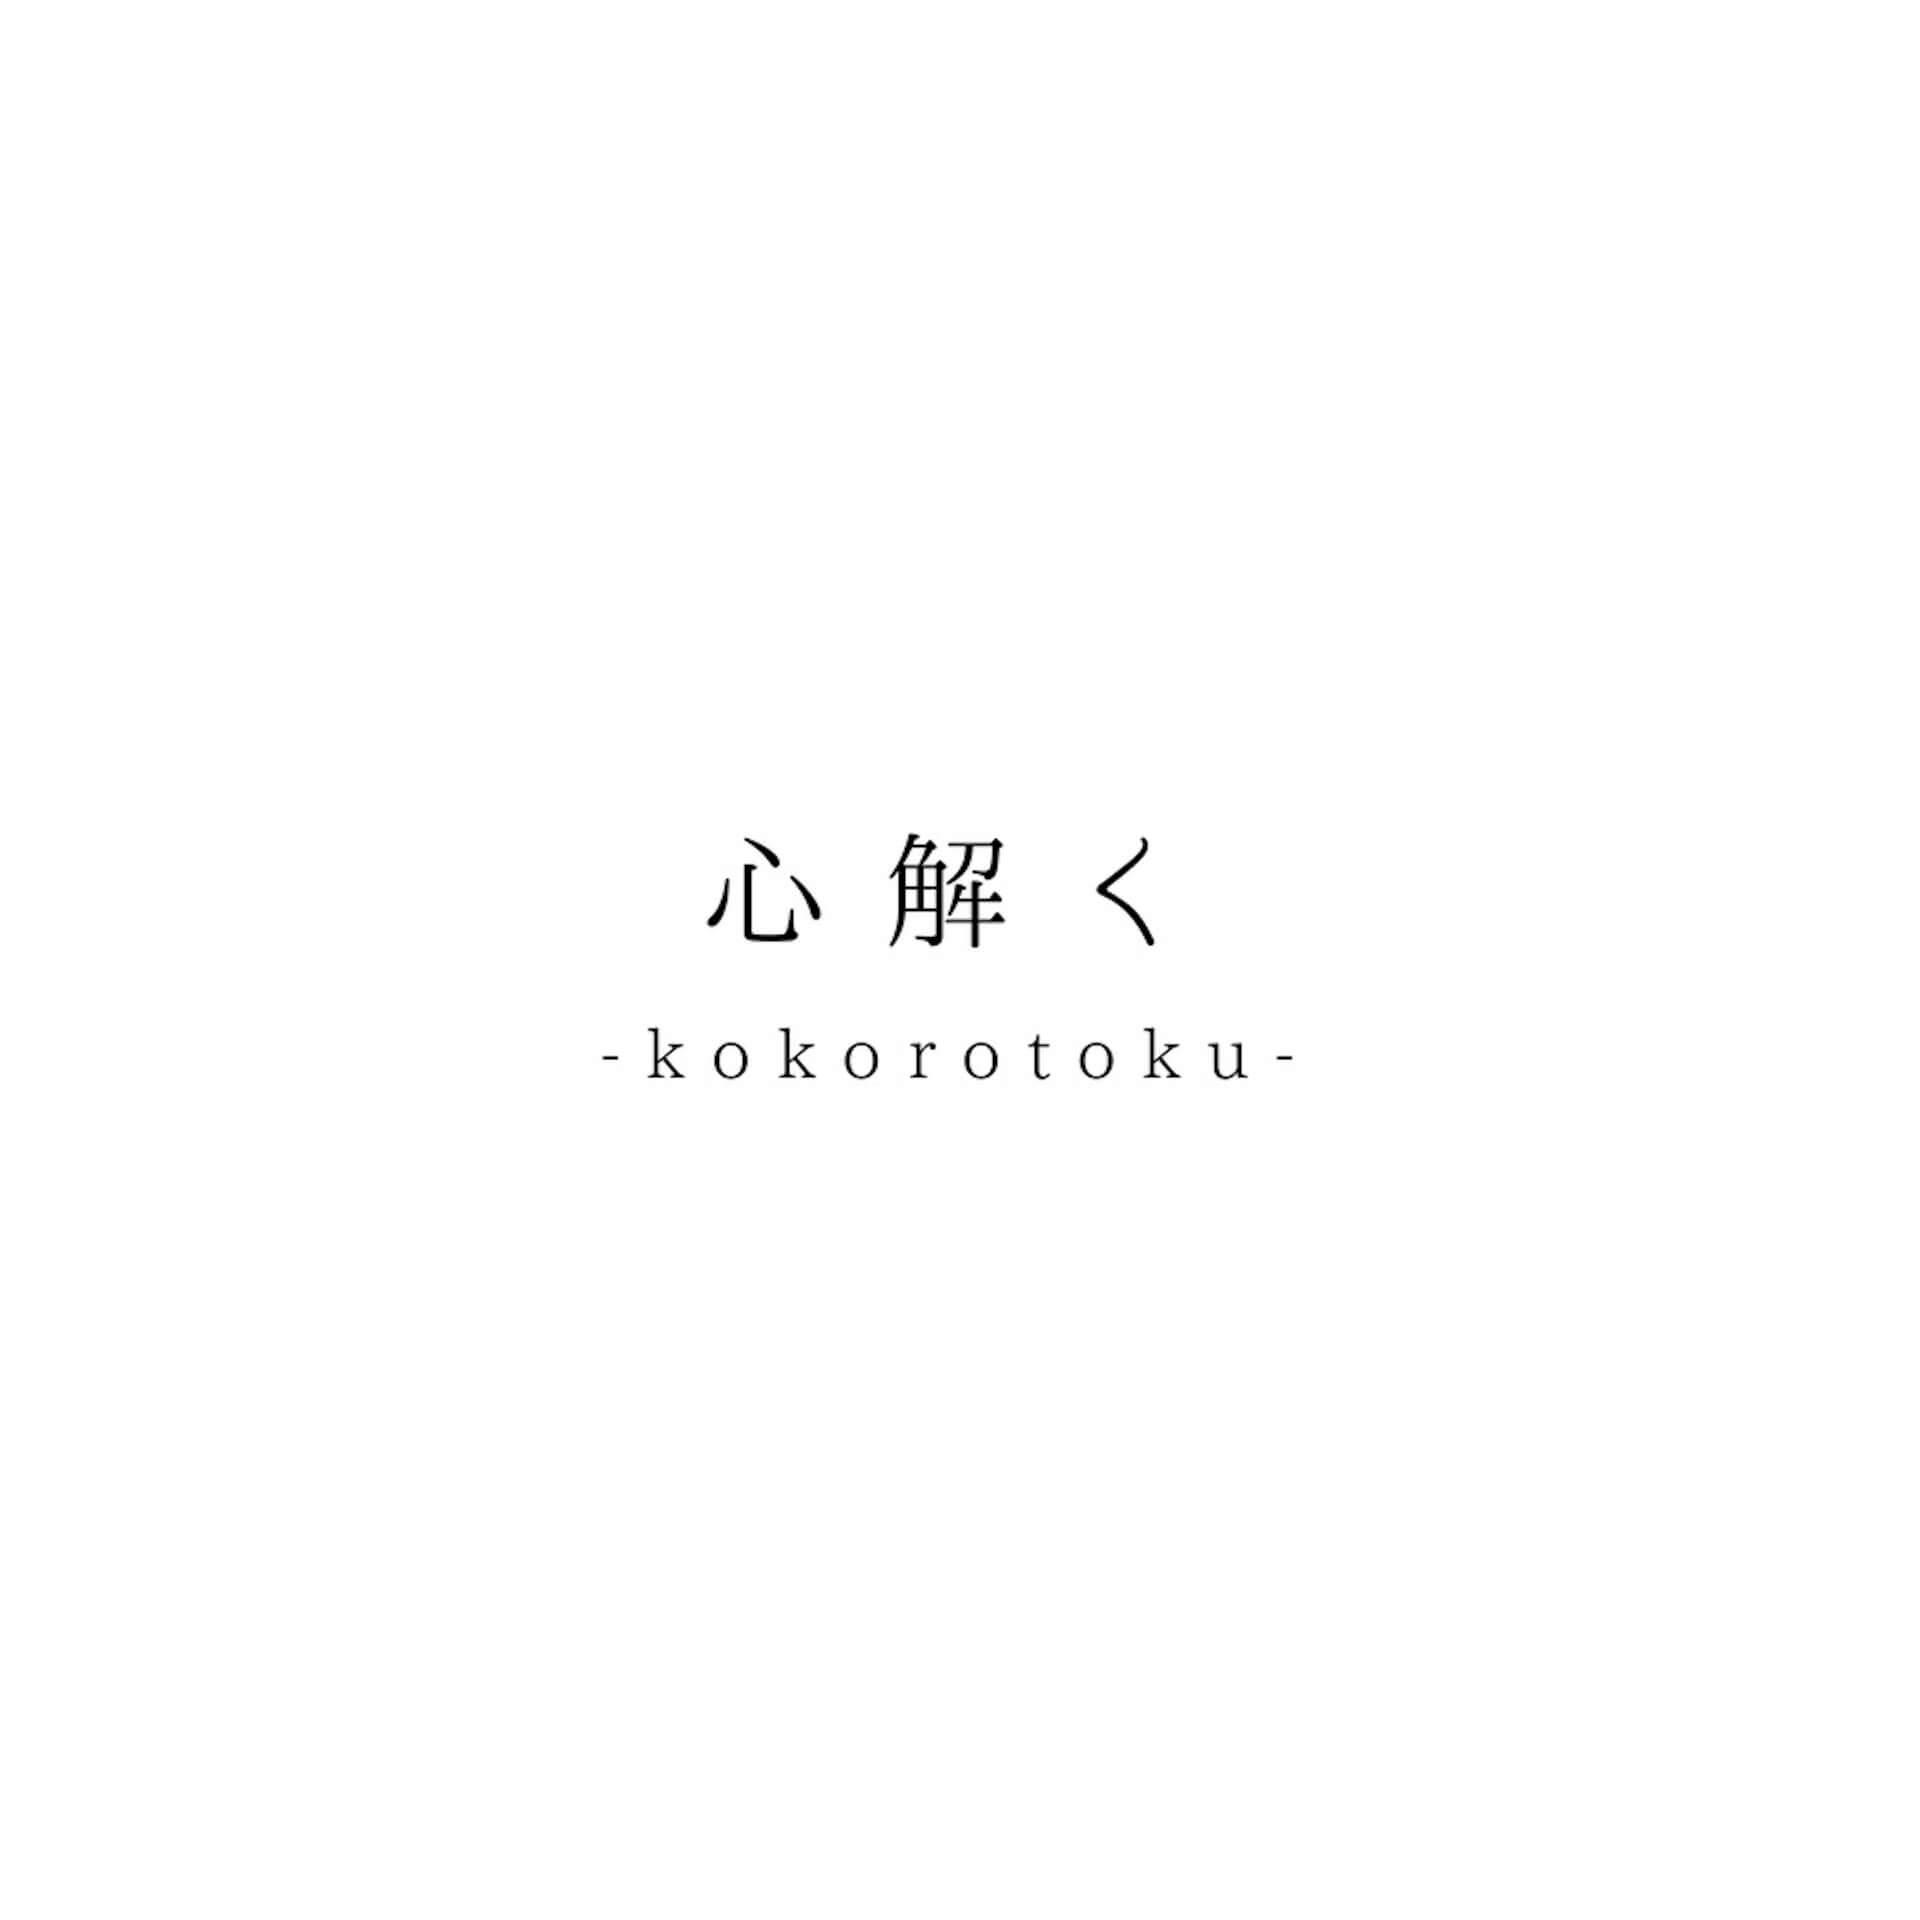 """湯木慧の""""心解く""""がリリース決定!映画『光を追いかけて』書き下ろし主題歌としても話題 music210921_yukiakira_kokorotoku_01"""